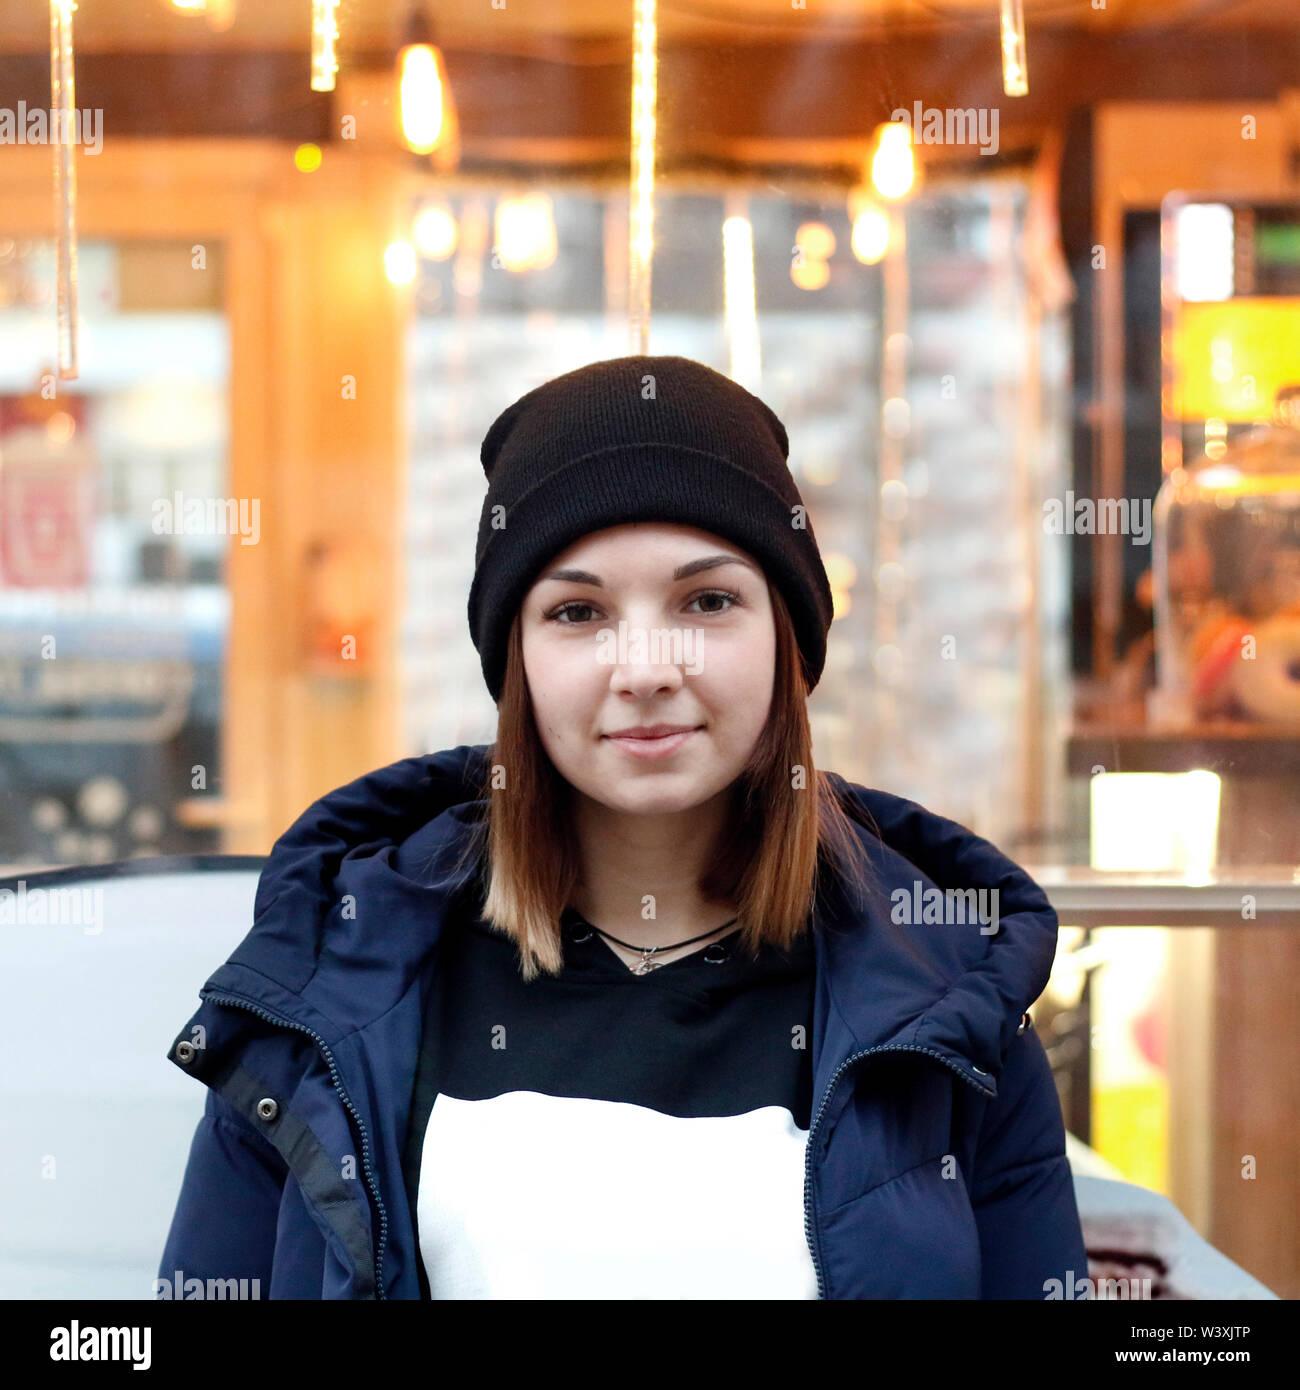 Retrato de una linda chica en la calle Imagen De Stock